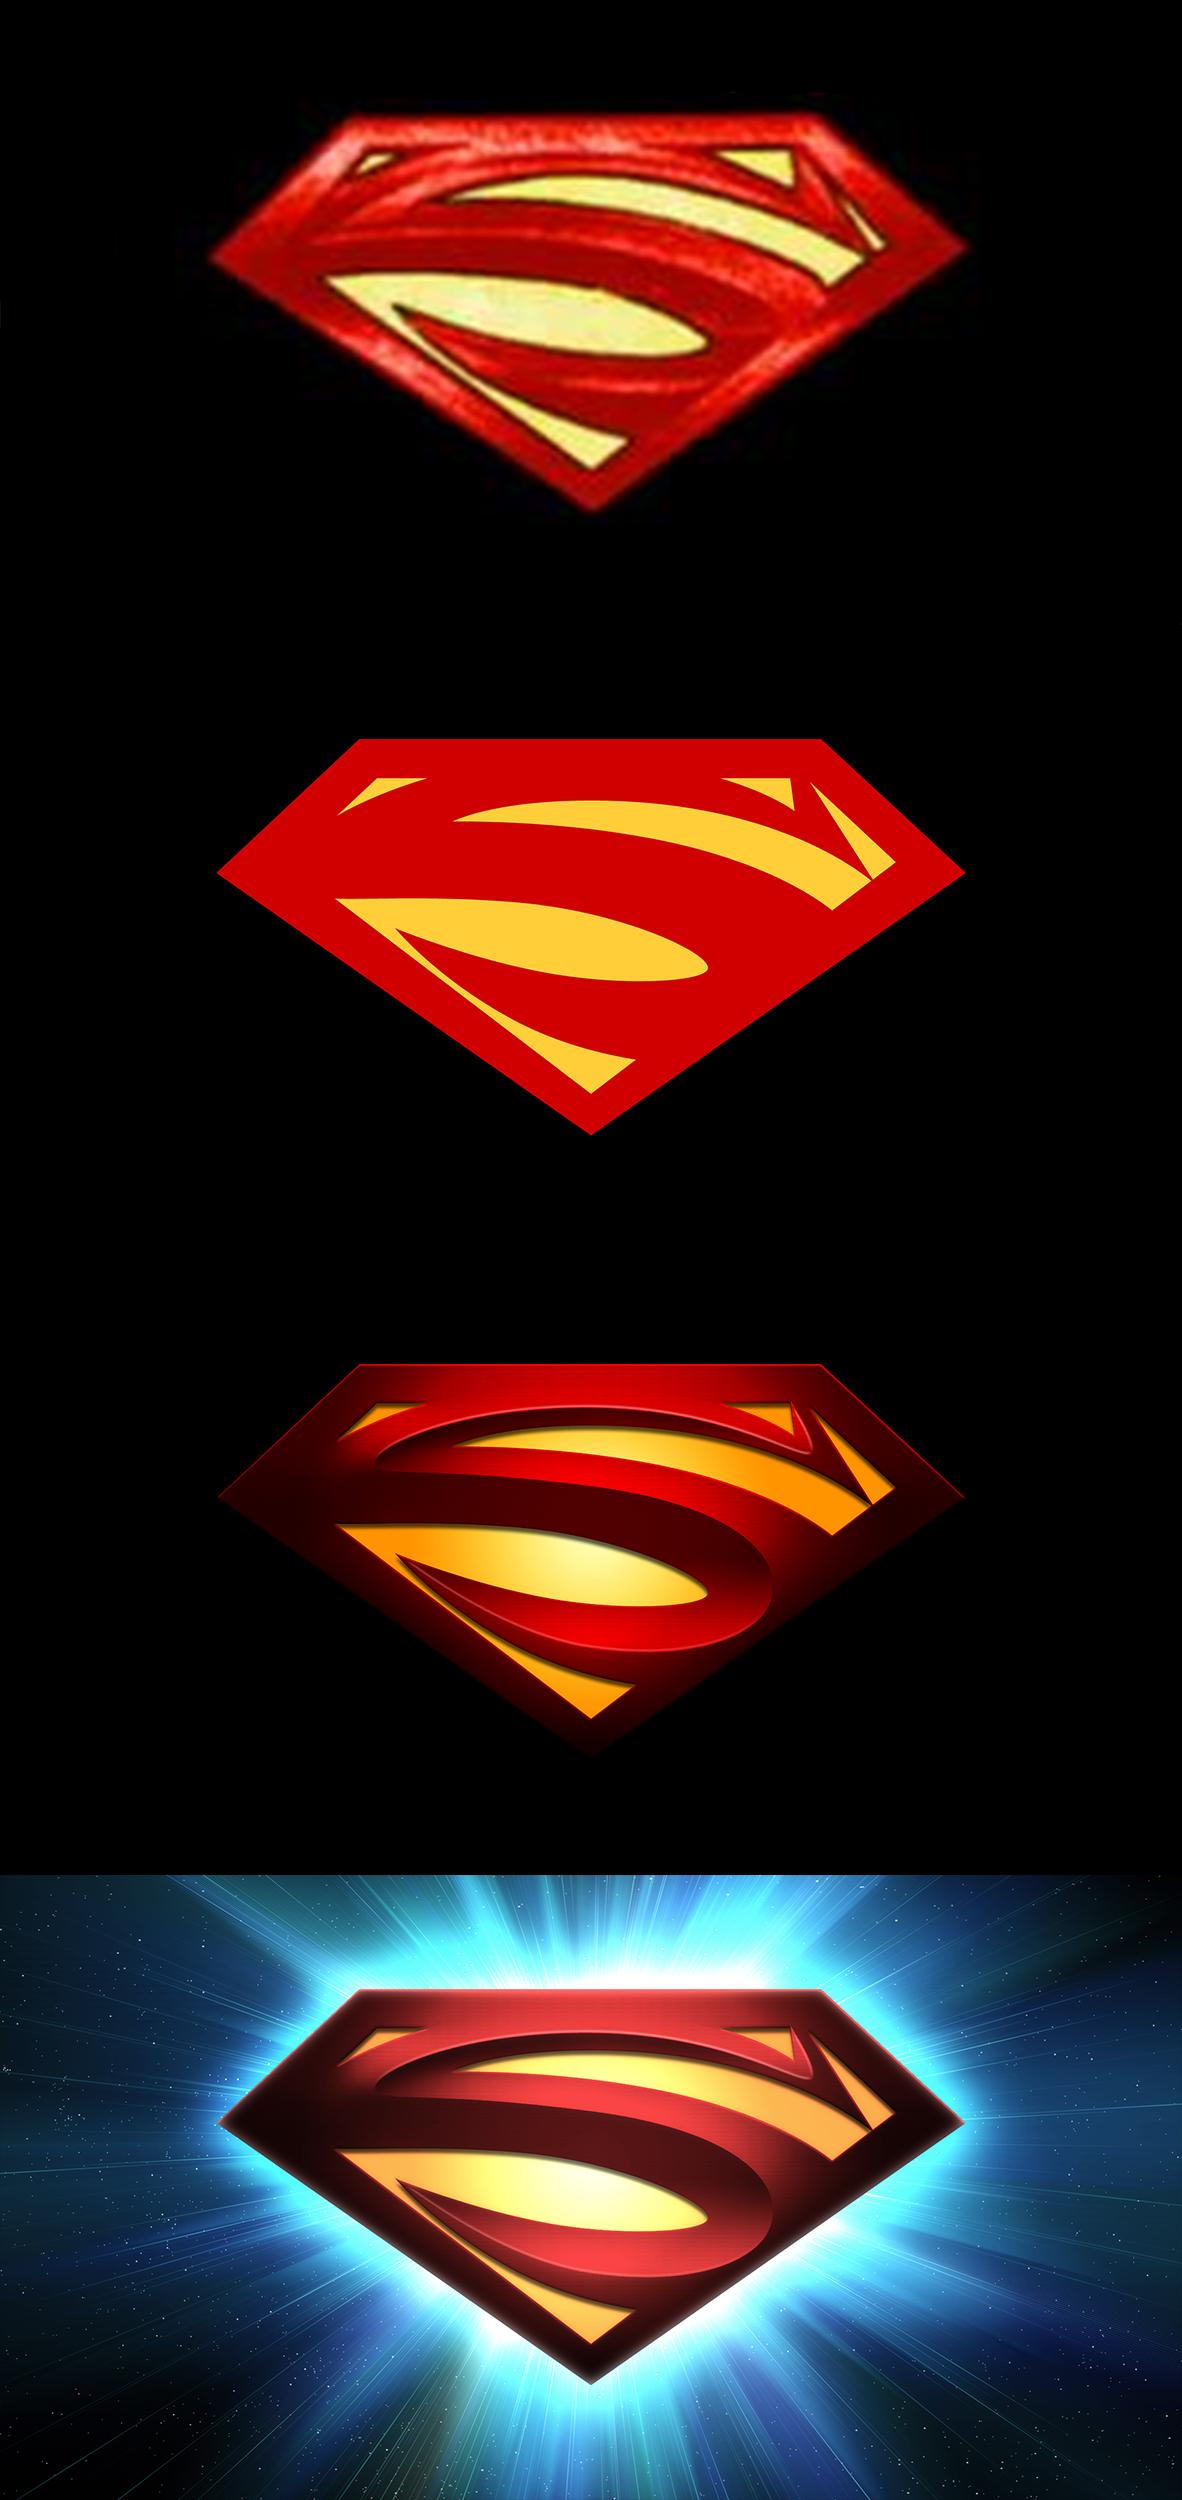 Et si on reproduisait le symbole de superman sweetwater - Symbole de superman ...